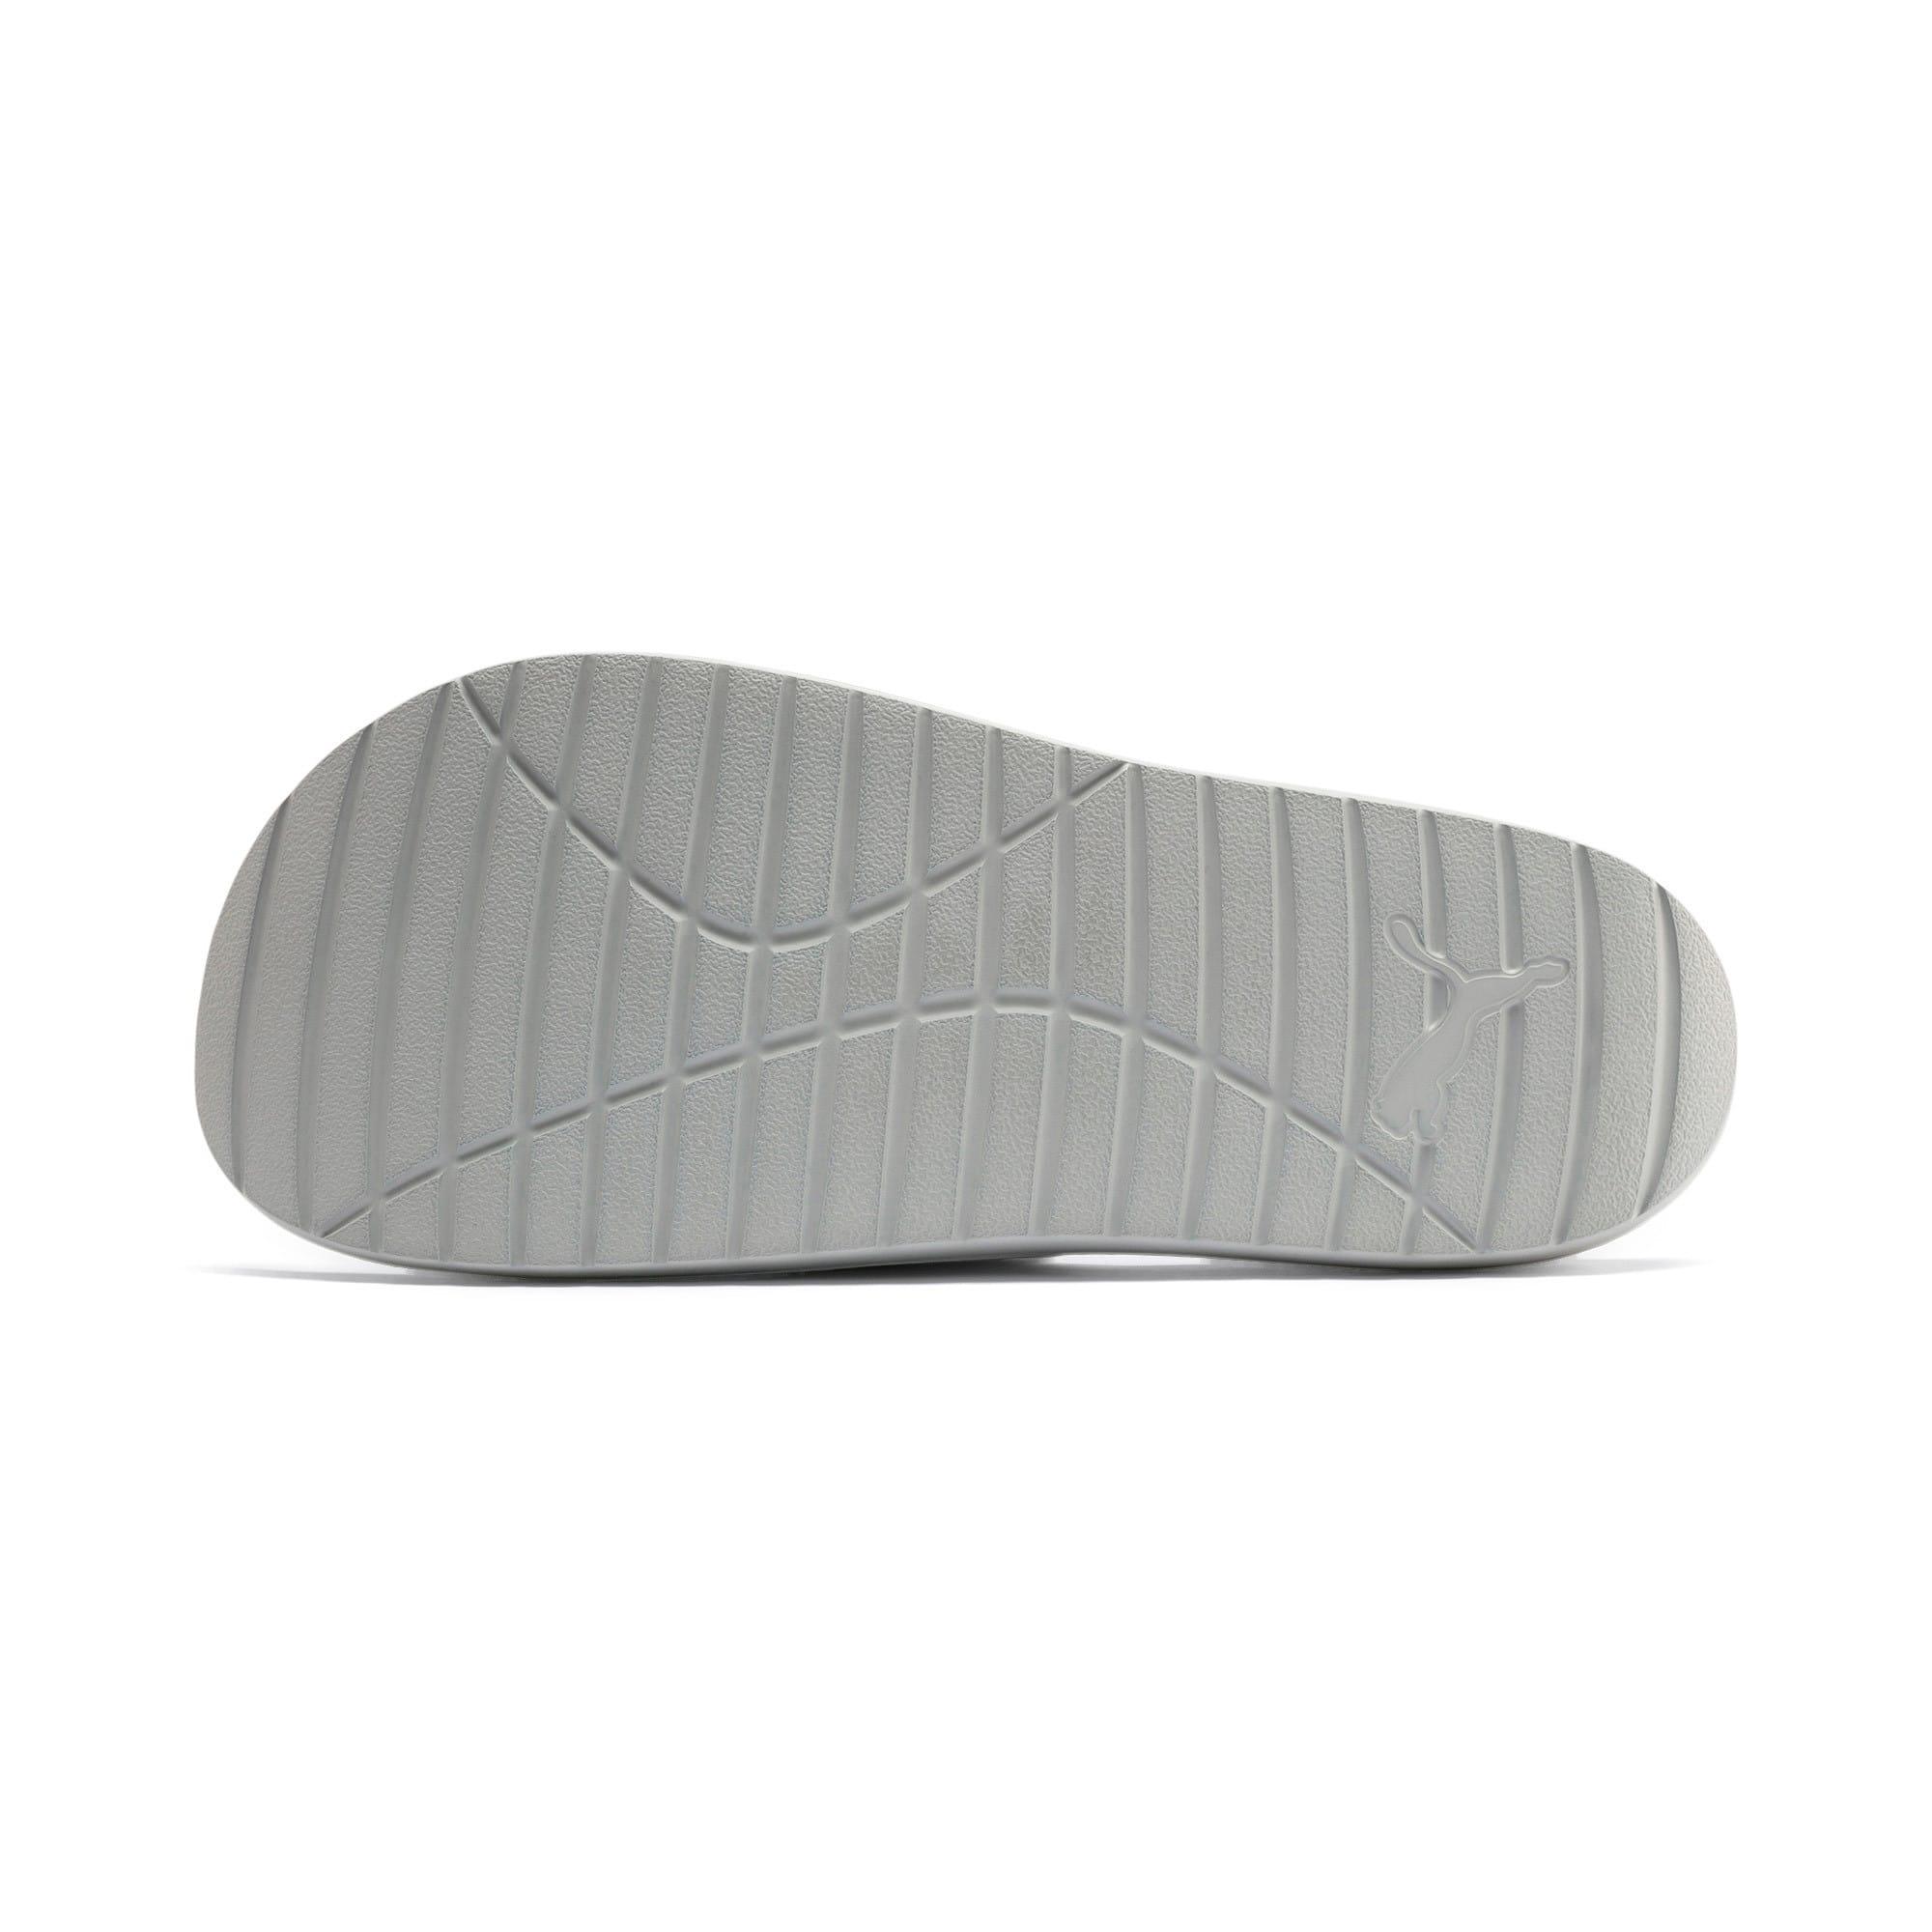 Thumbnail 4 of Divecat v2 Sandals, High Rise-Peacoat, medium-IND